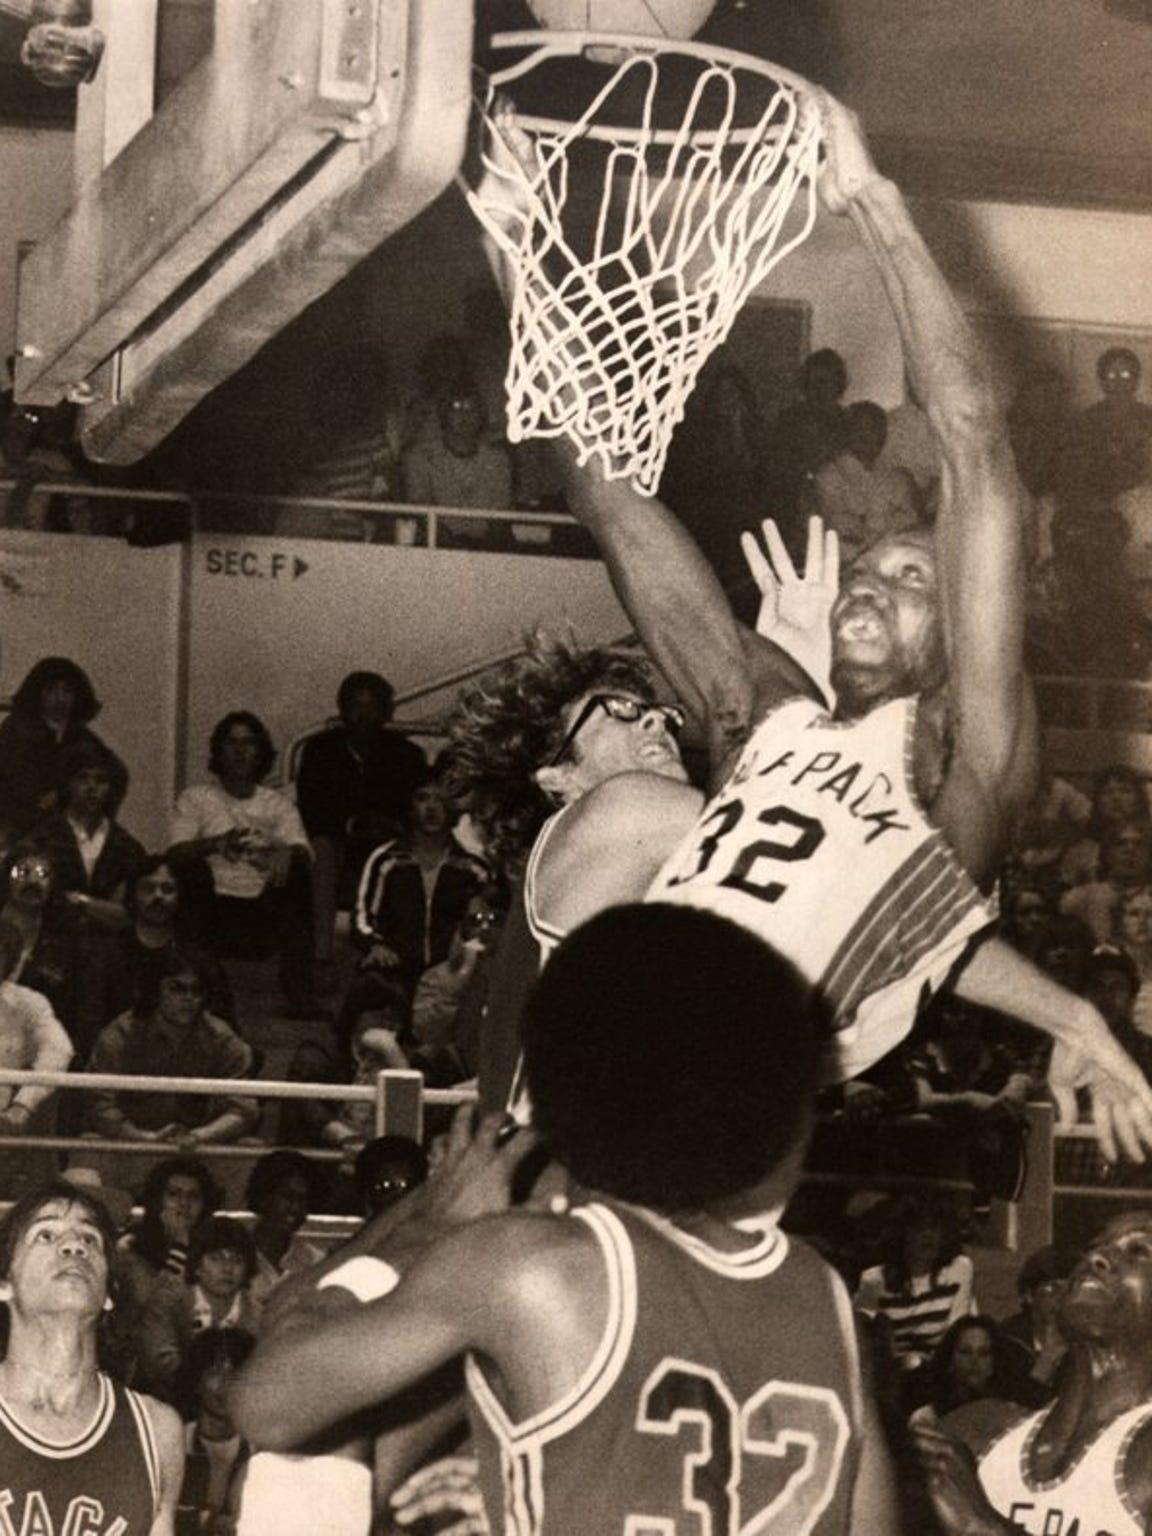 Edgar Jones dunks over Santa Clara's Kurt Rambis during